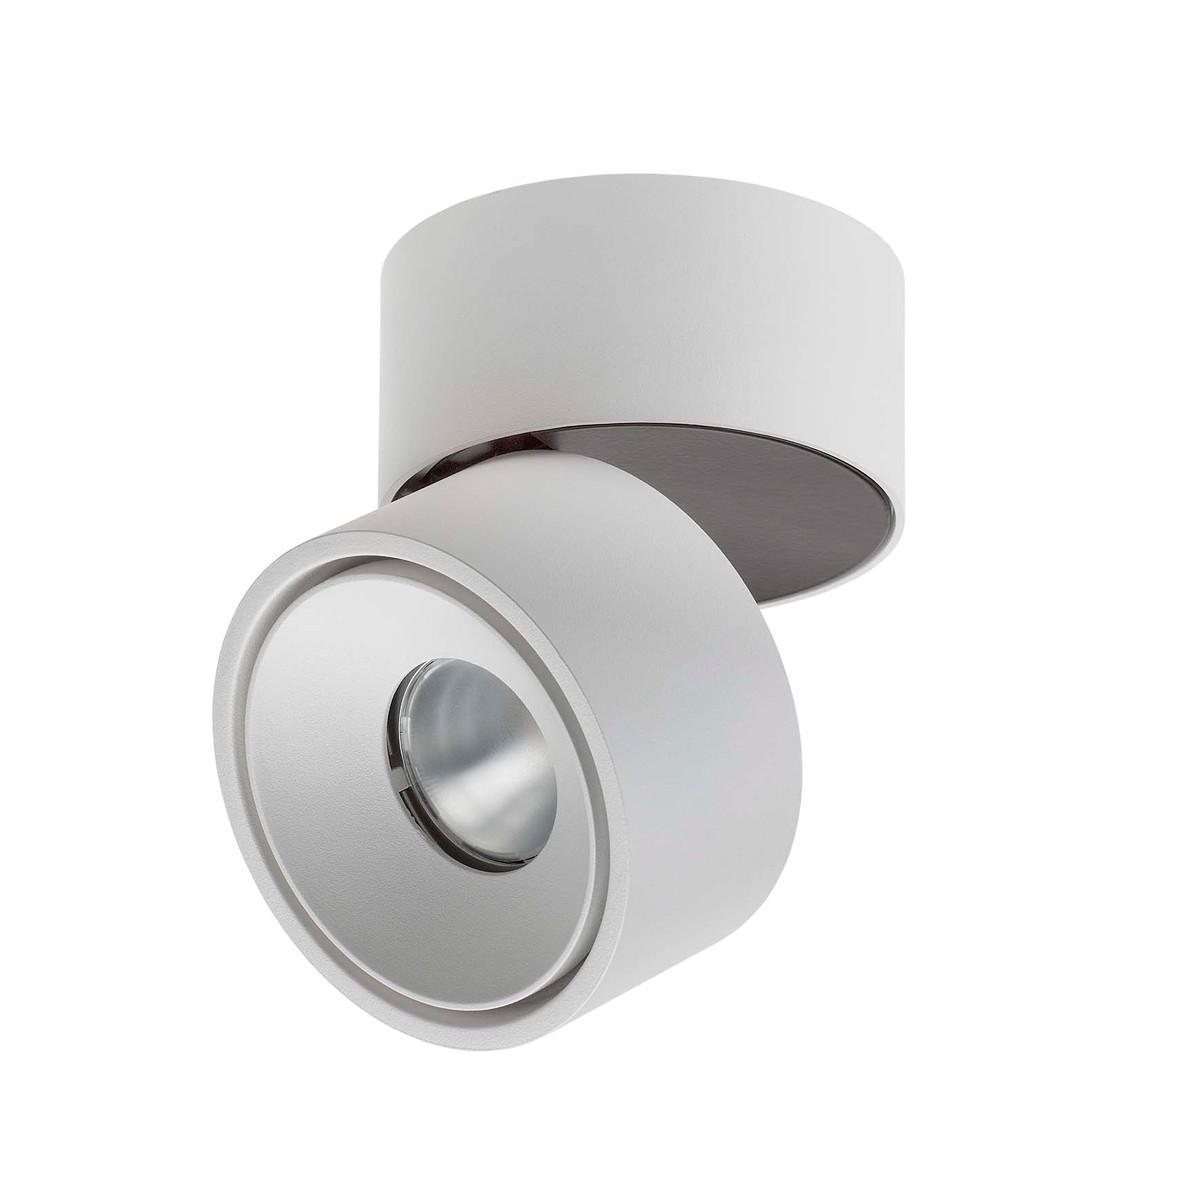 Lumexx Easy LED Wand- / Deckenleuchte, 10 W, weiß/schwarz